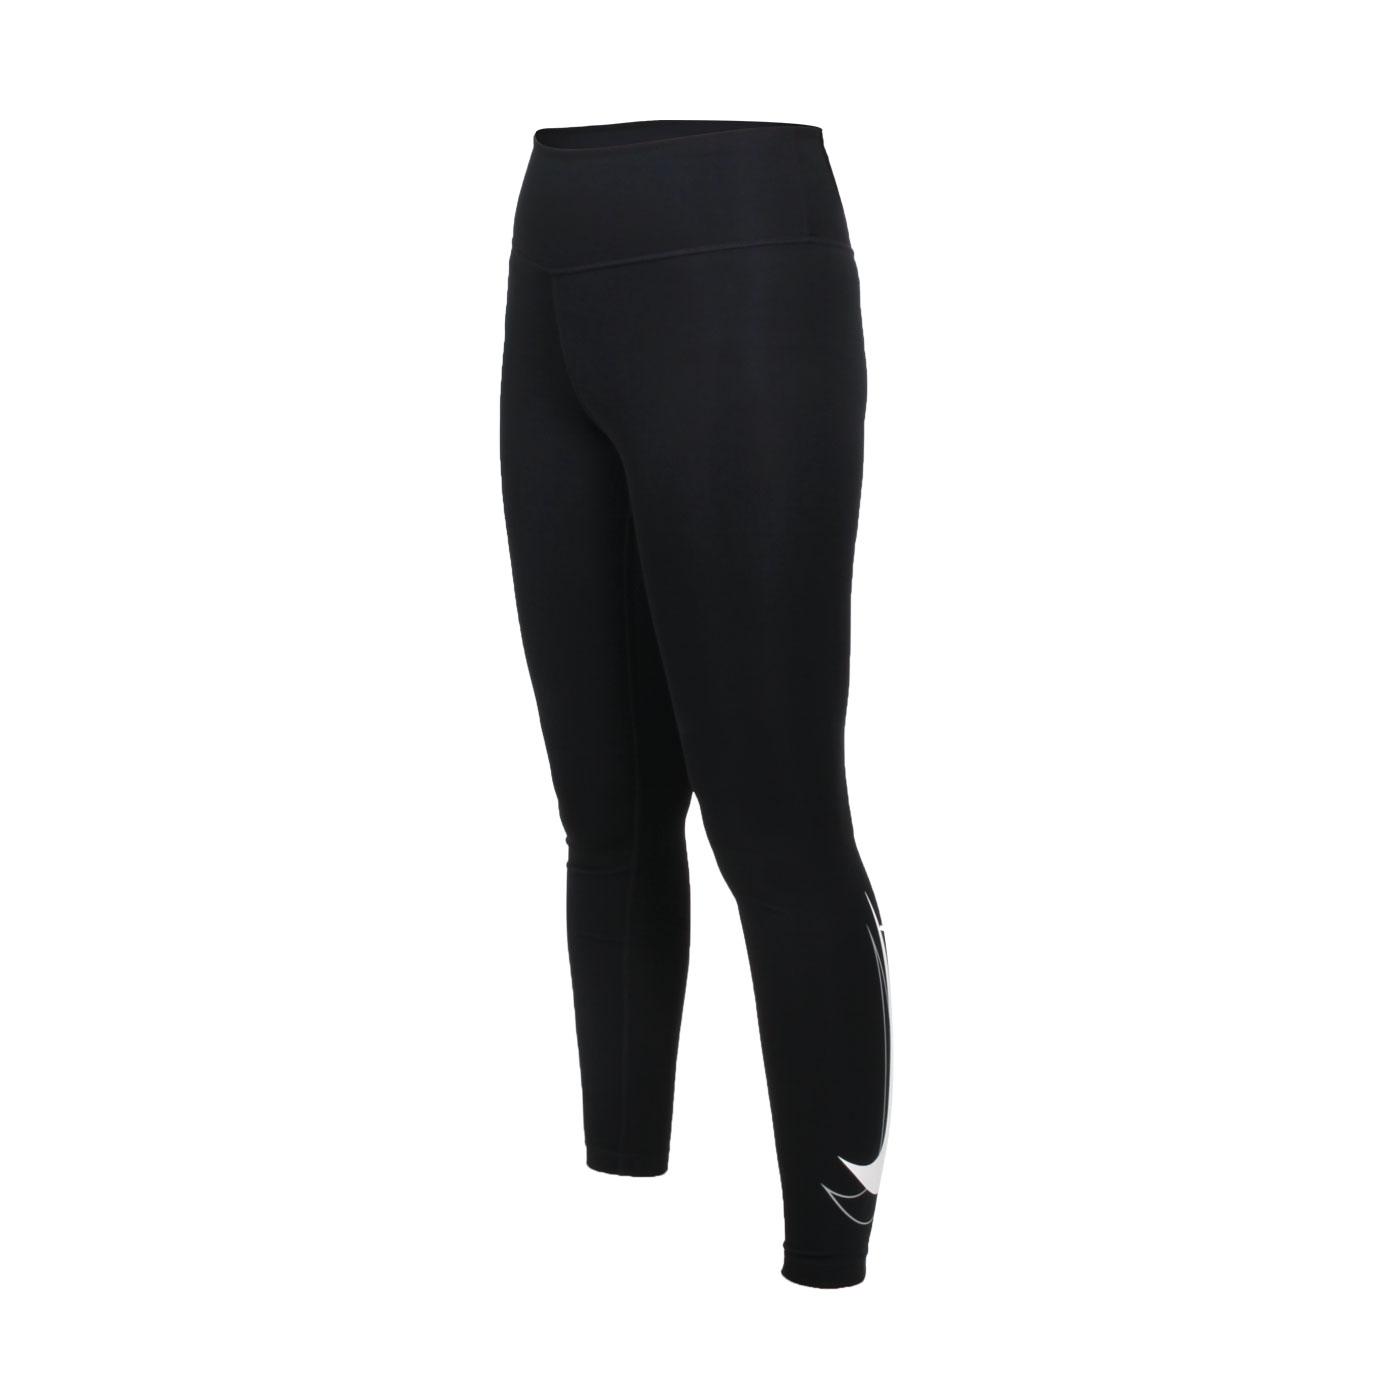 NIKE 女款緊身長褲 DD5280-010 - 黑白